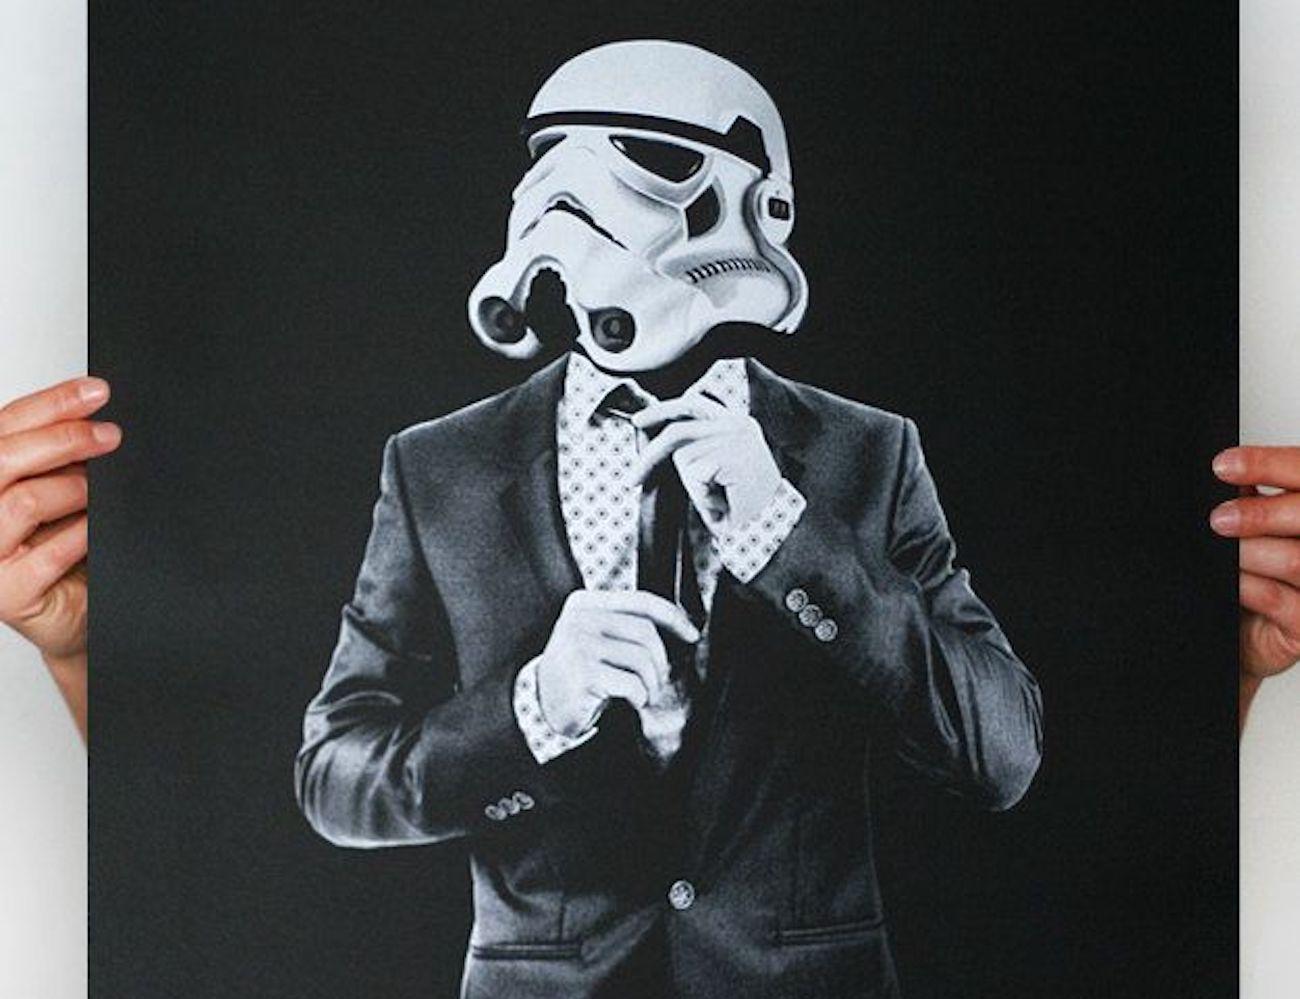 classy stormtrooper suit and tie poster gadget flow